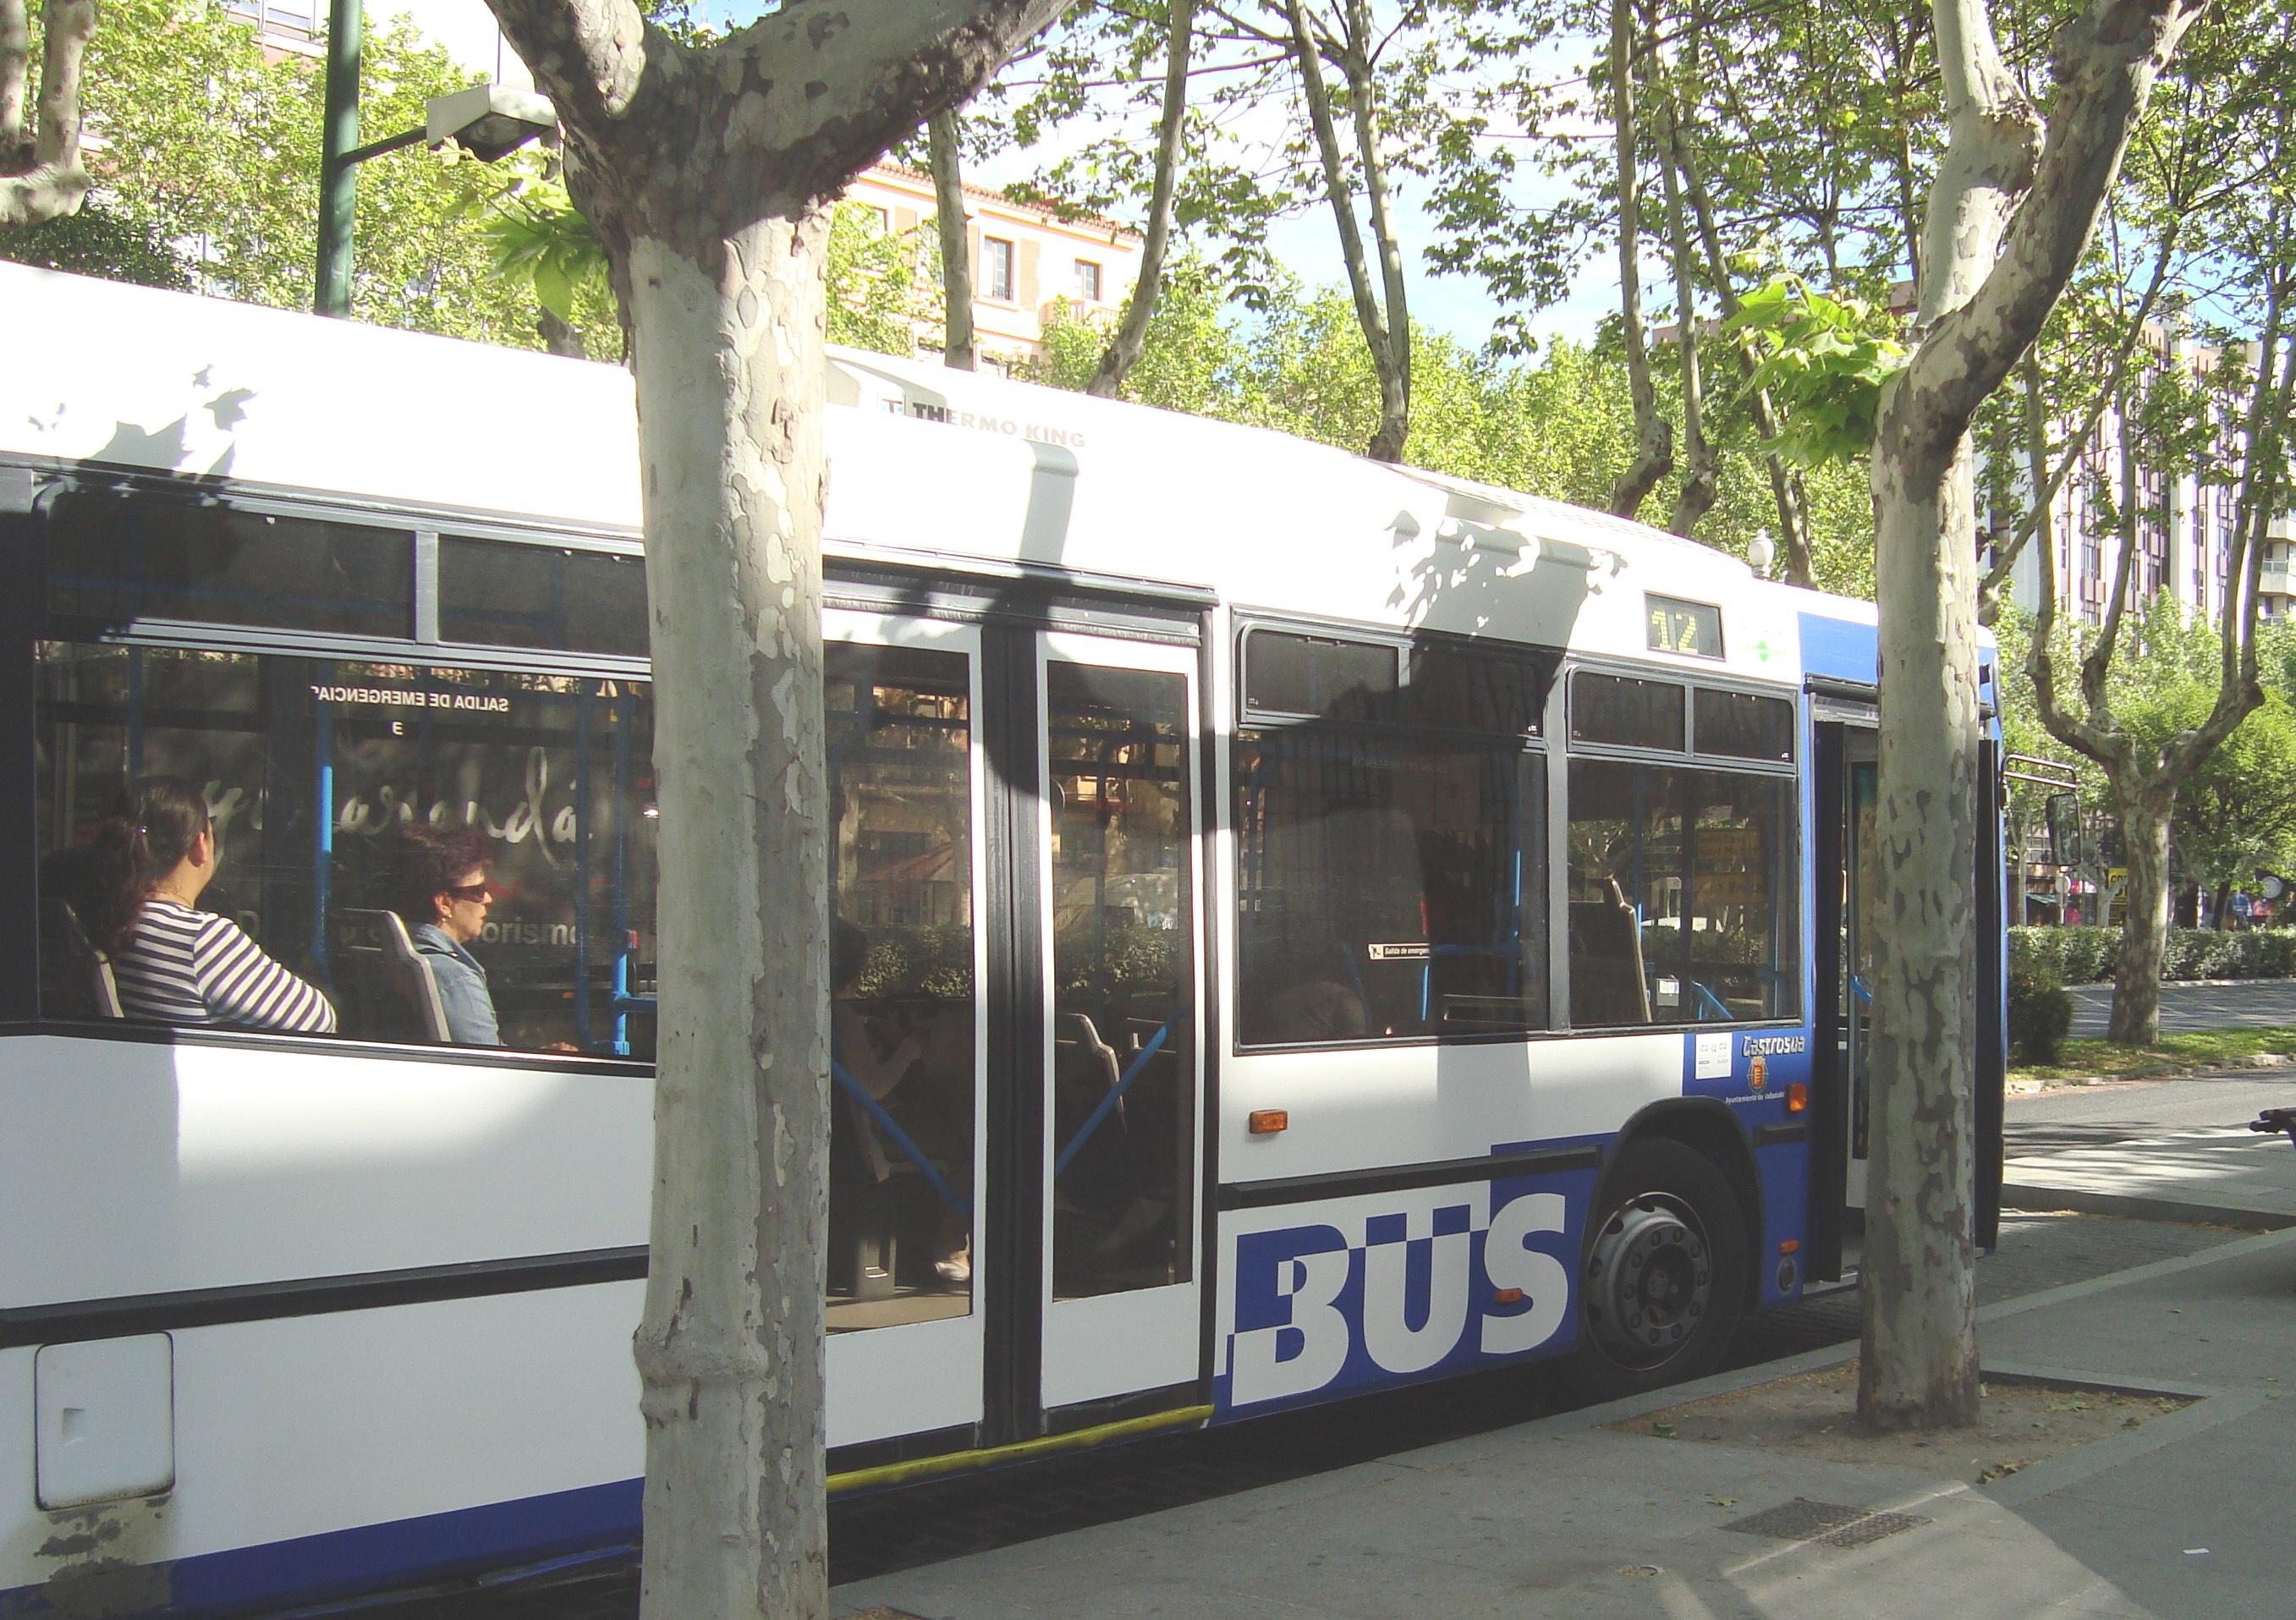 Auvasa fusiona las líneas 5 y 11 de autobús de Valladolid y aumenta el tiempo de su frecuencia a 30 minutos